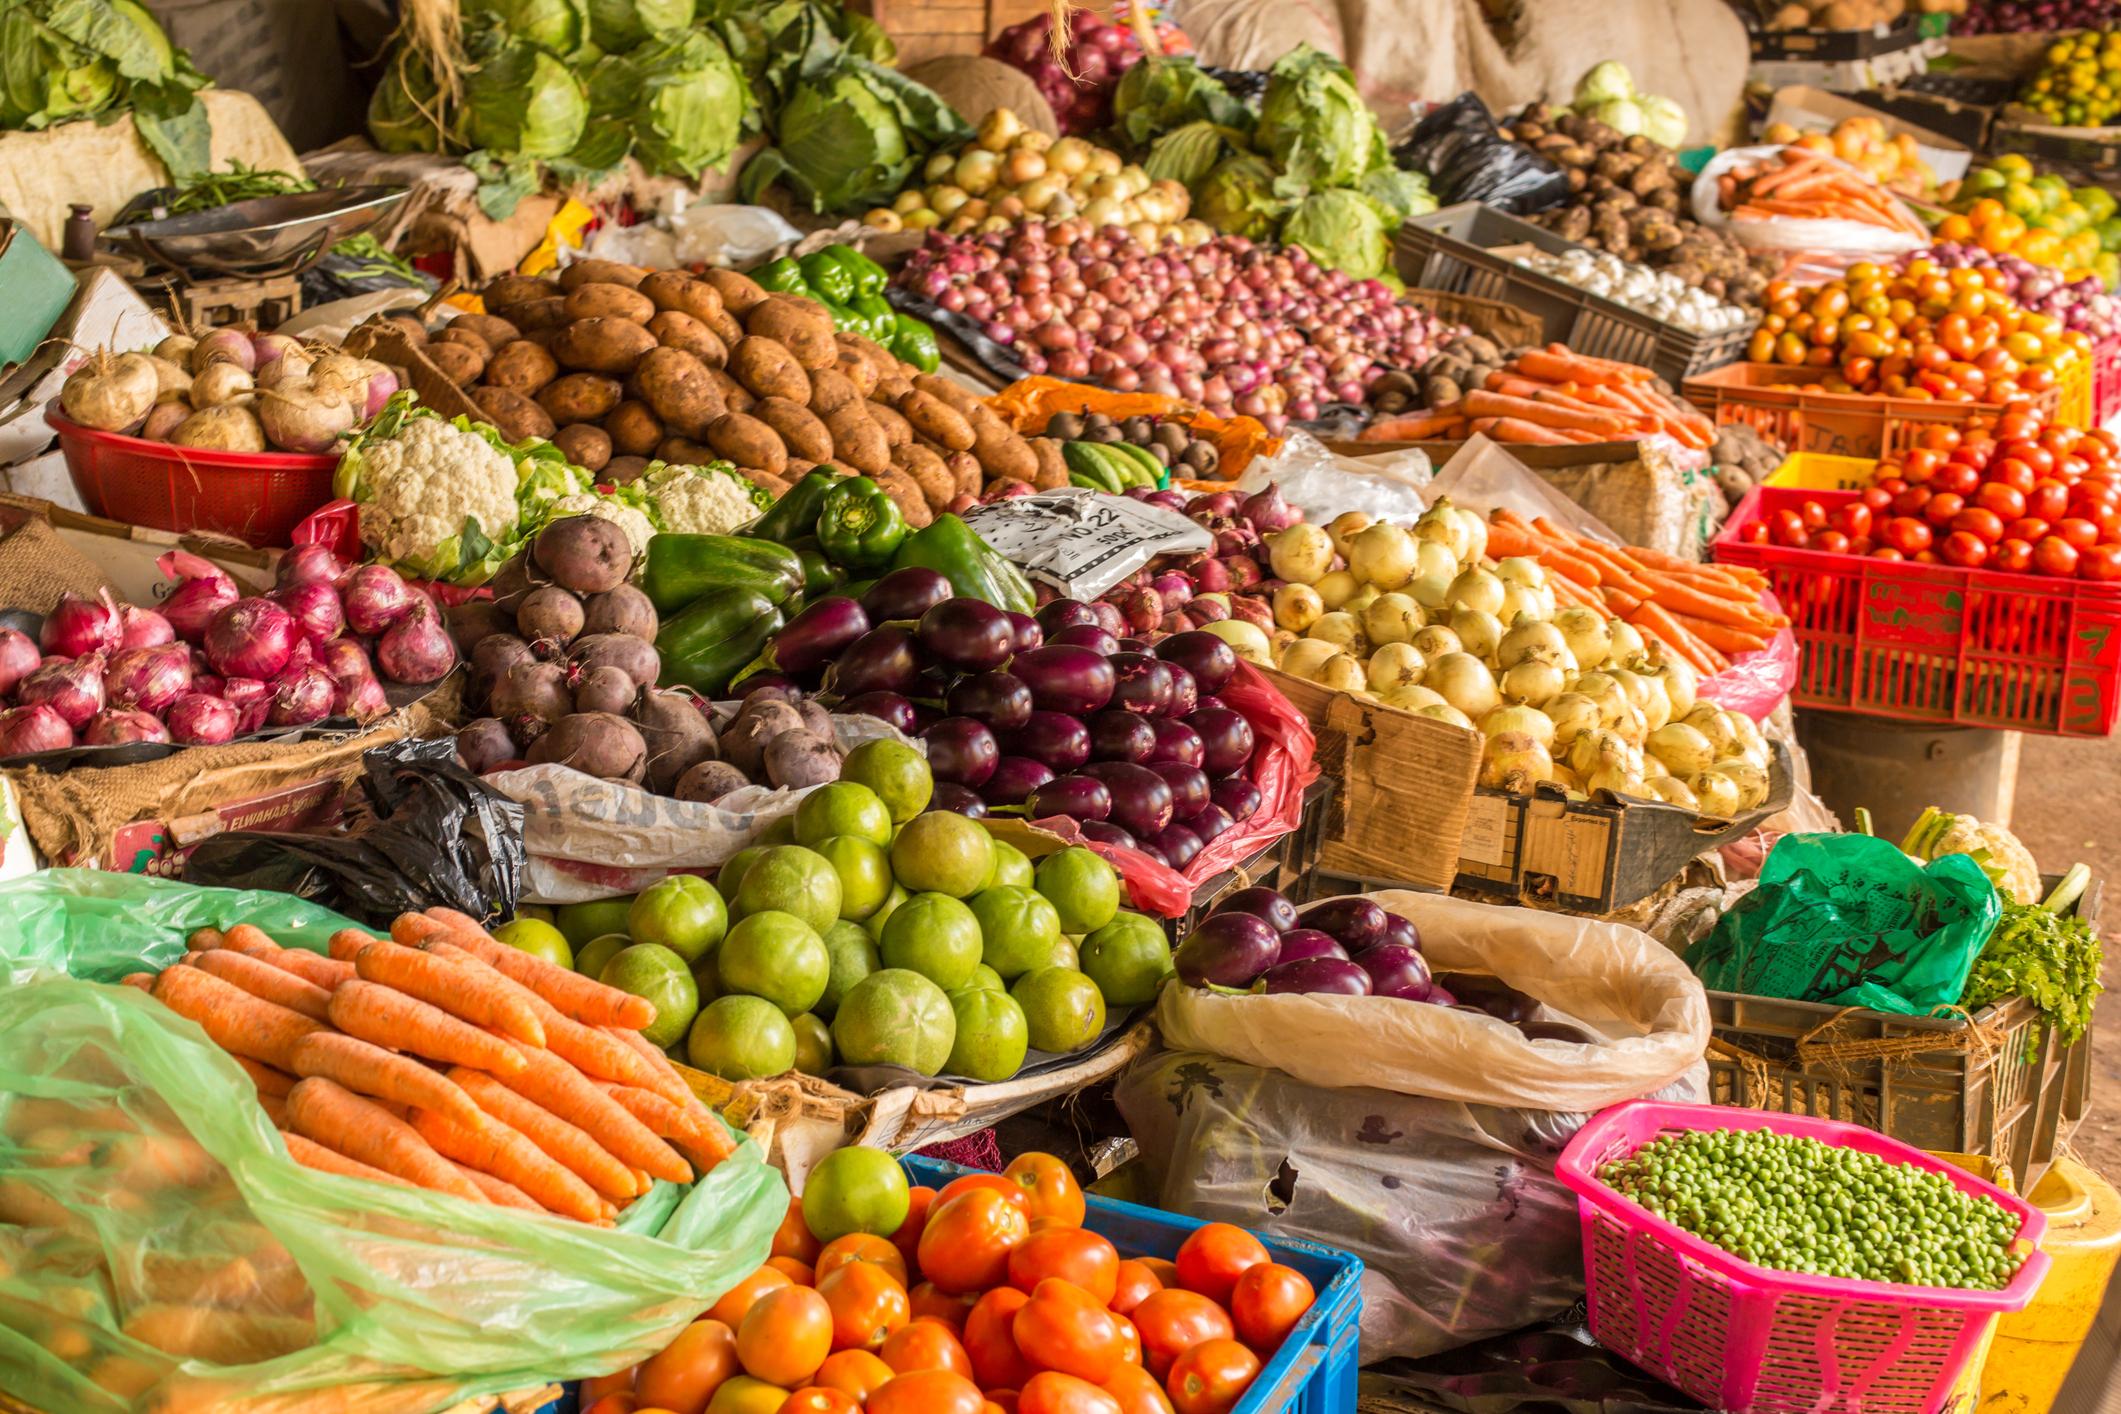 Programa Progredir oferece vagas de emprego no setor alimentício